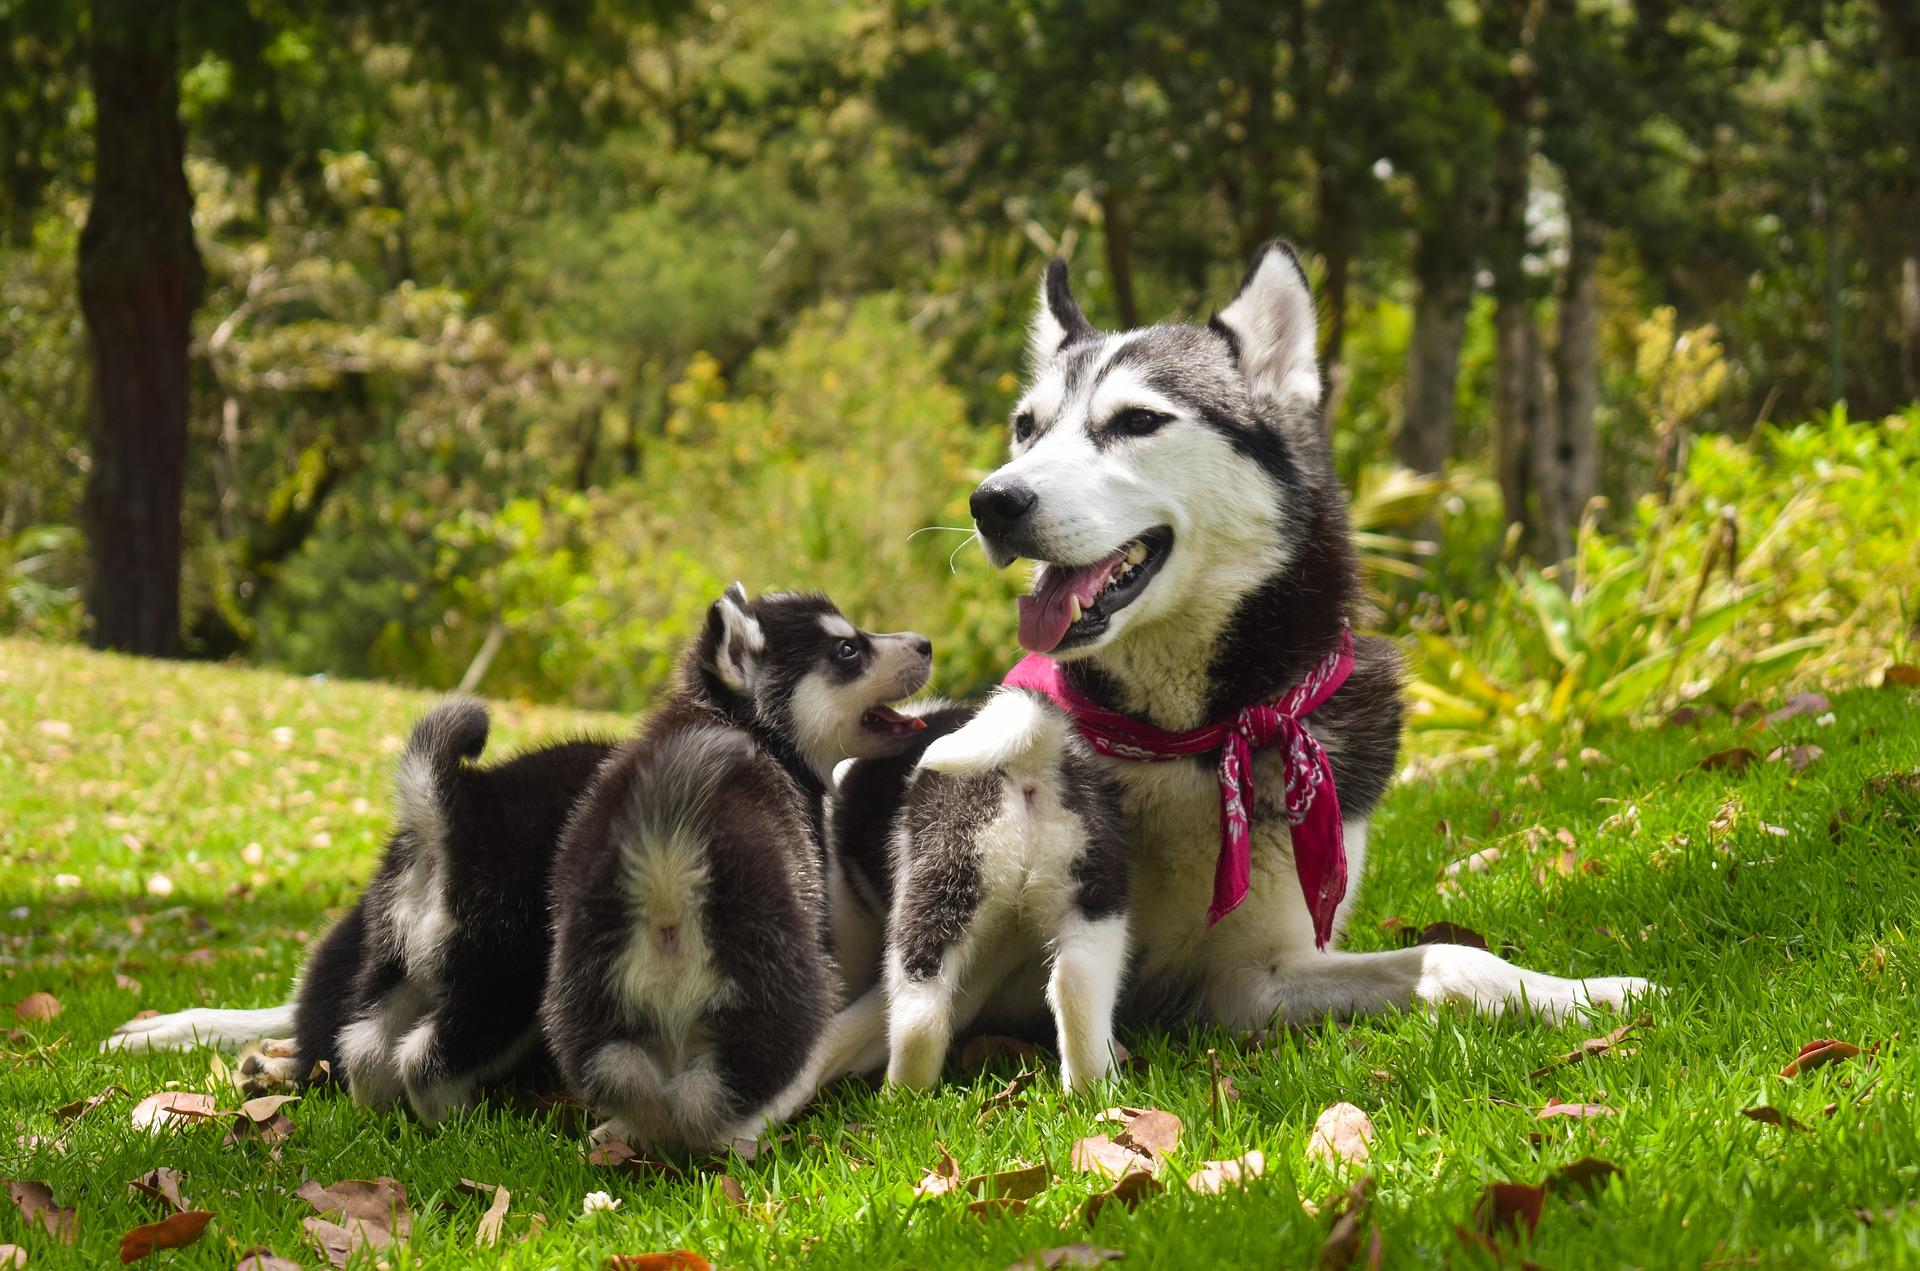 多頭飼いでペット保険は難しい?知りたい多頭飼いのペット保険加入策!